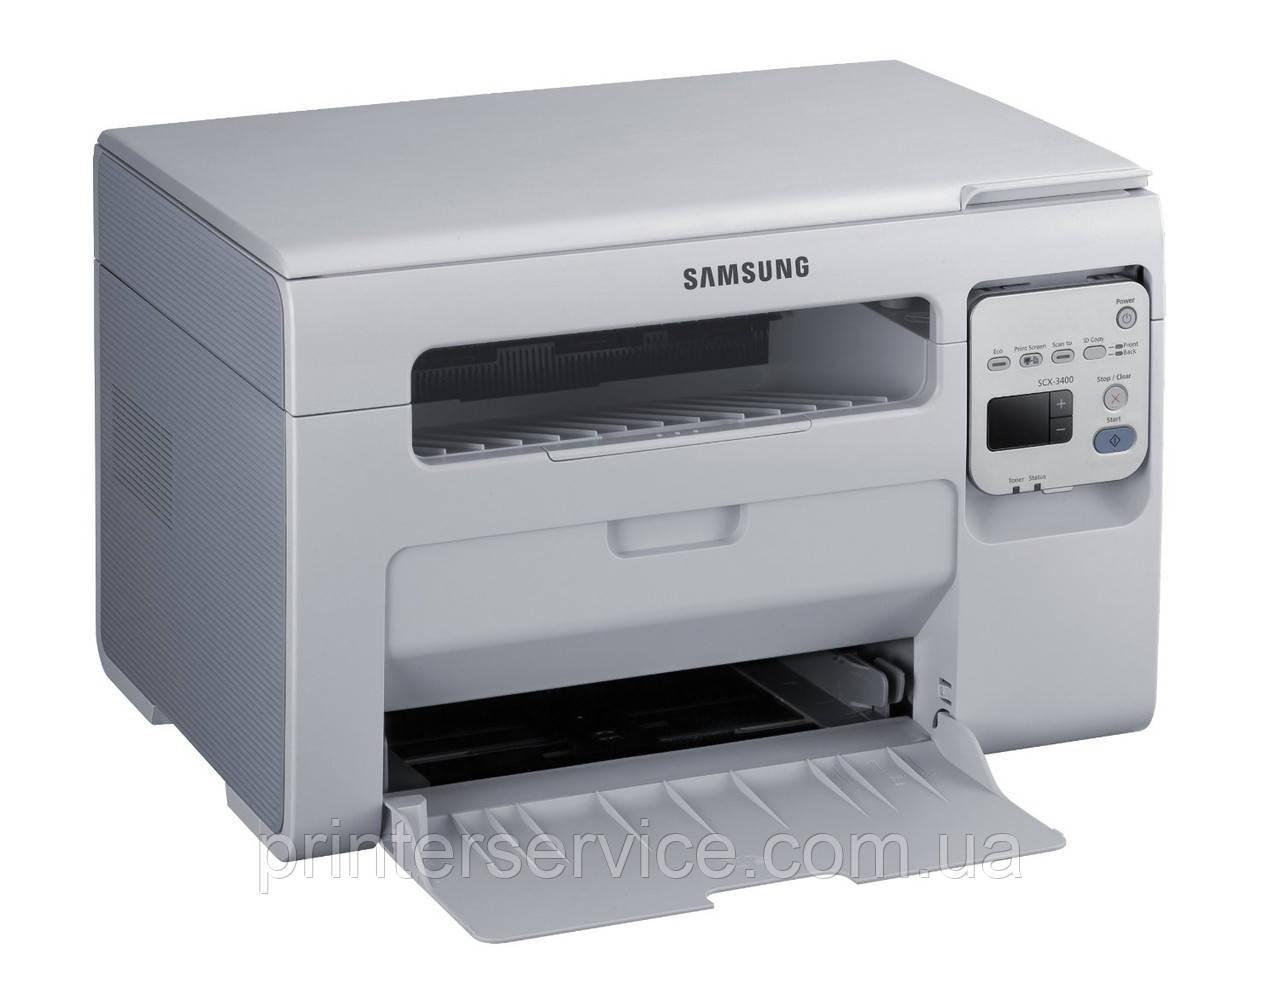 Принтер samsung scx 3405w драйвера скачать